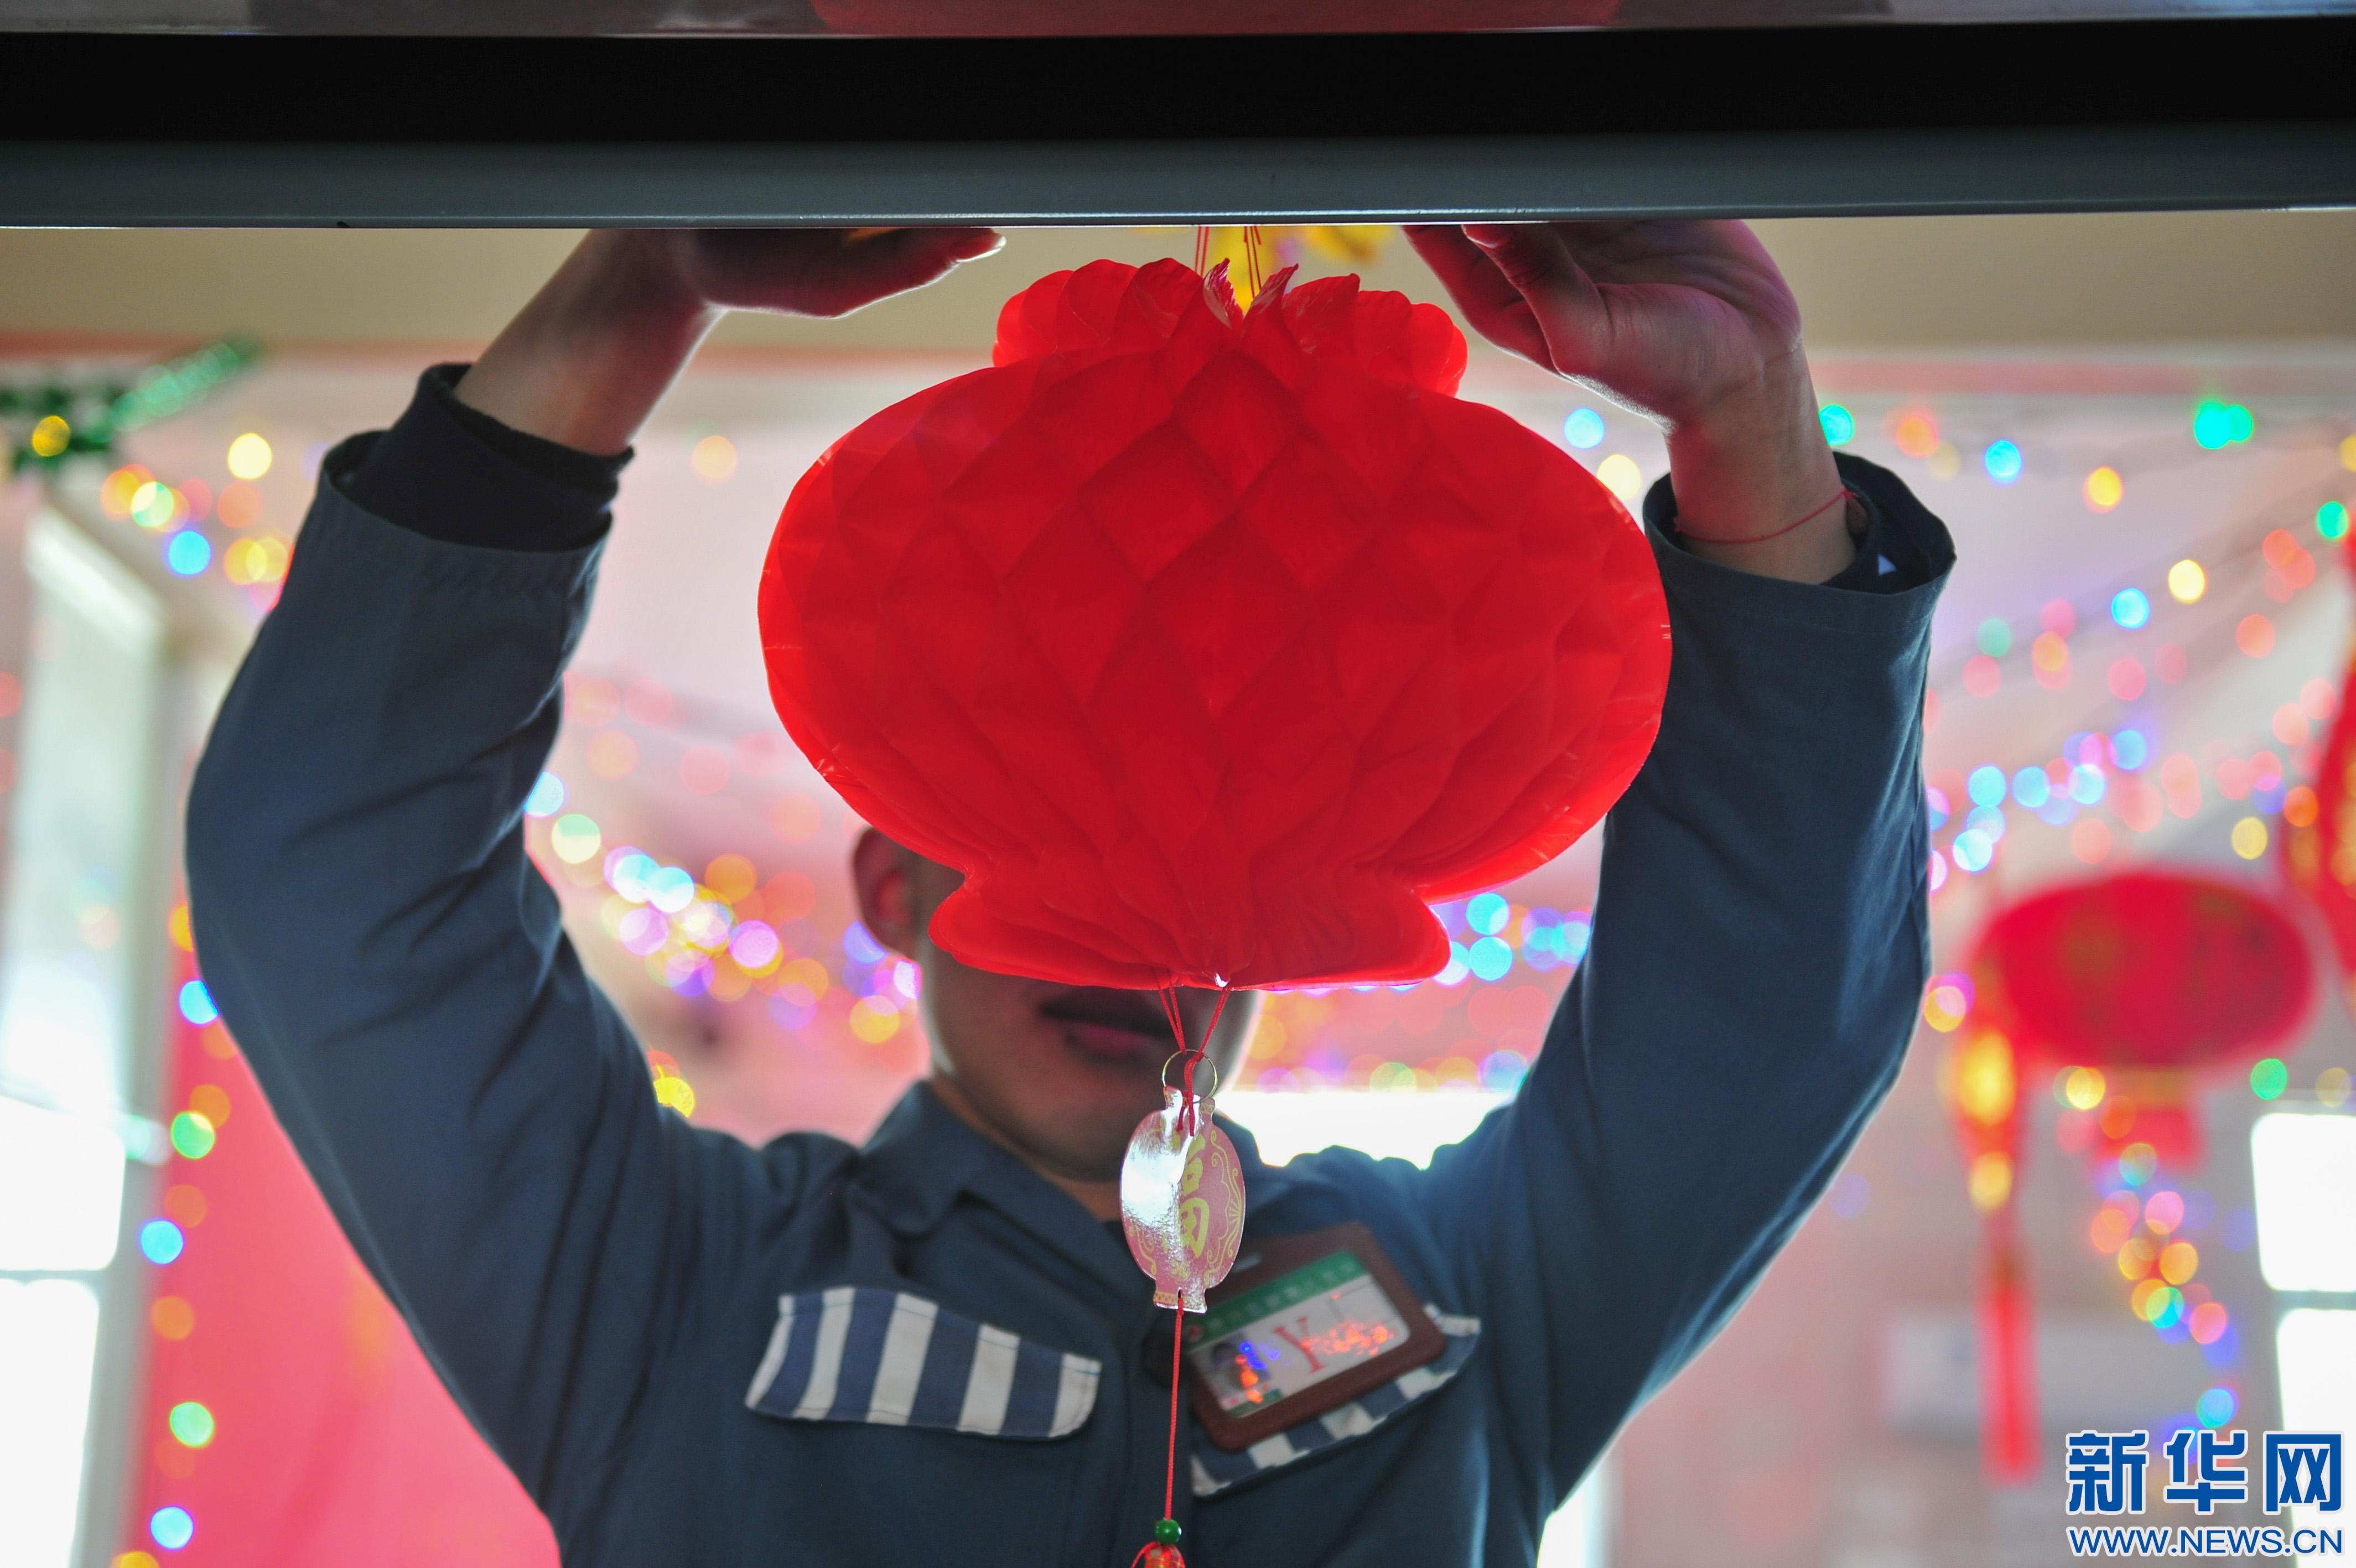 安徽潜川:高墙里的新年